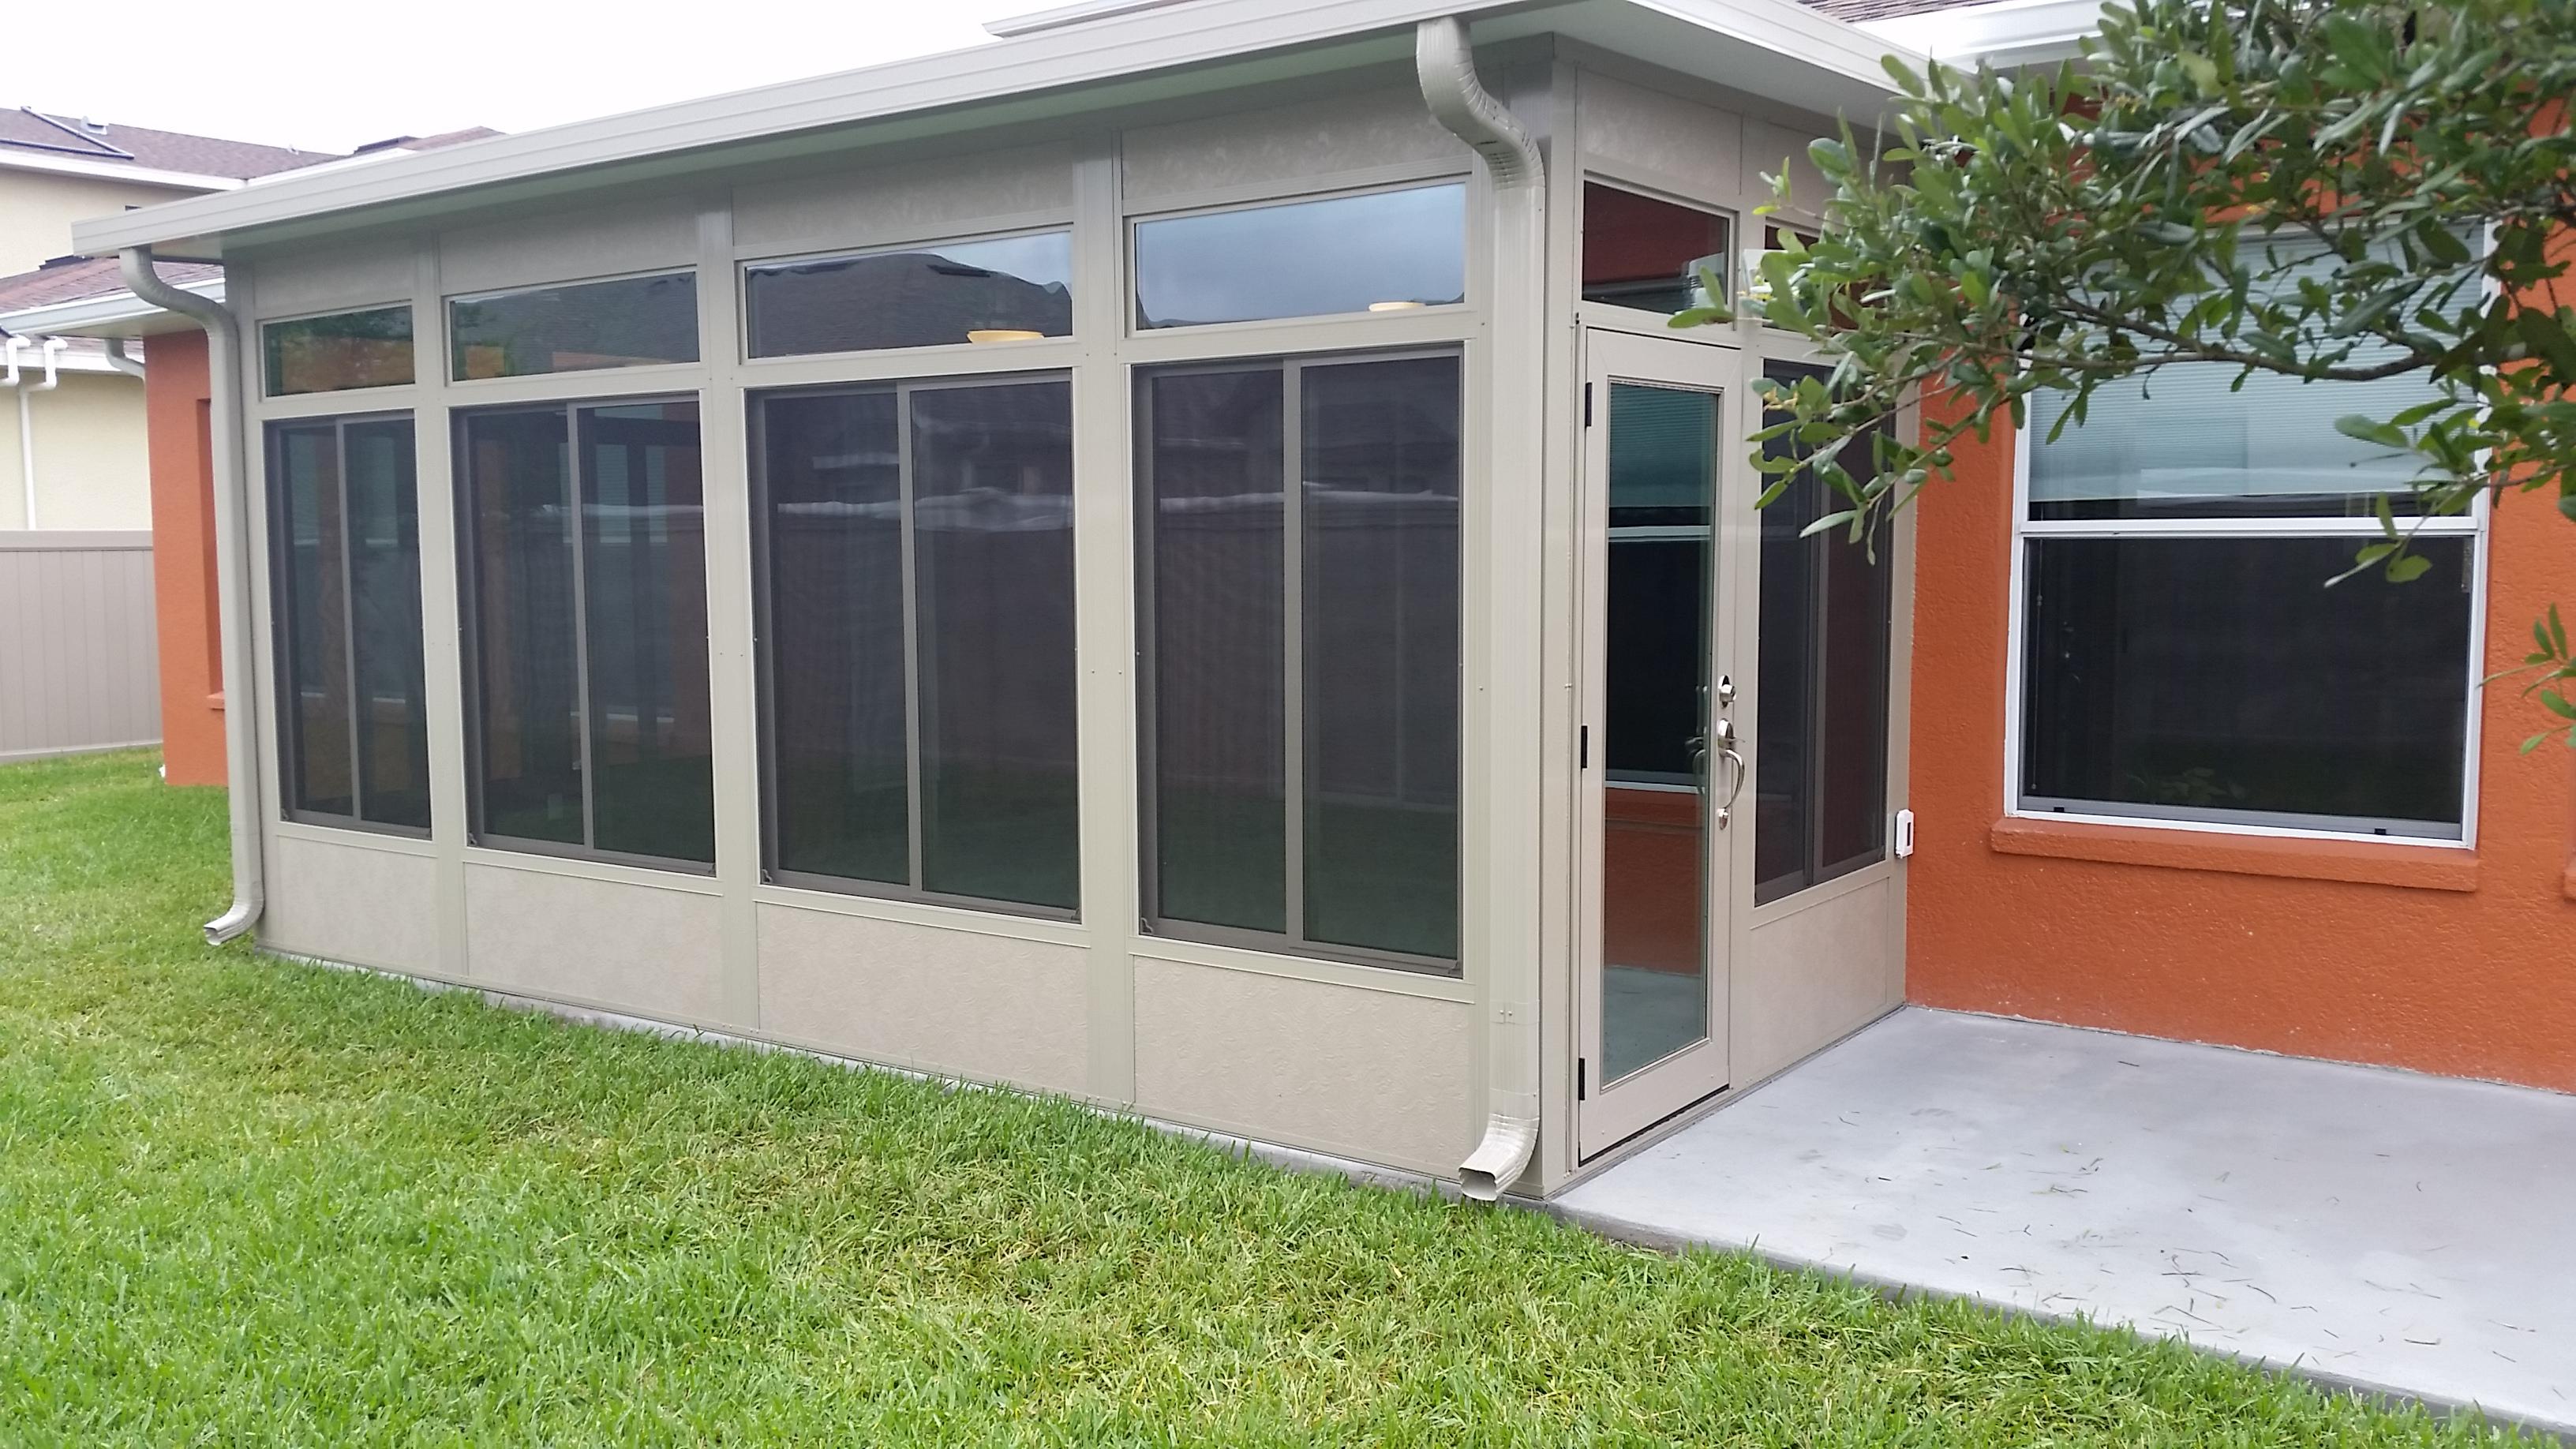 Sunrooms & Patio Enclosures Tampa Bay Florida - Lifestyle ... on Patio Enclosures  id=70447